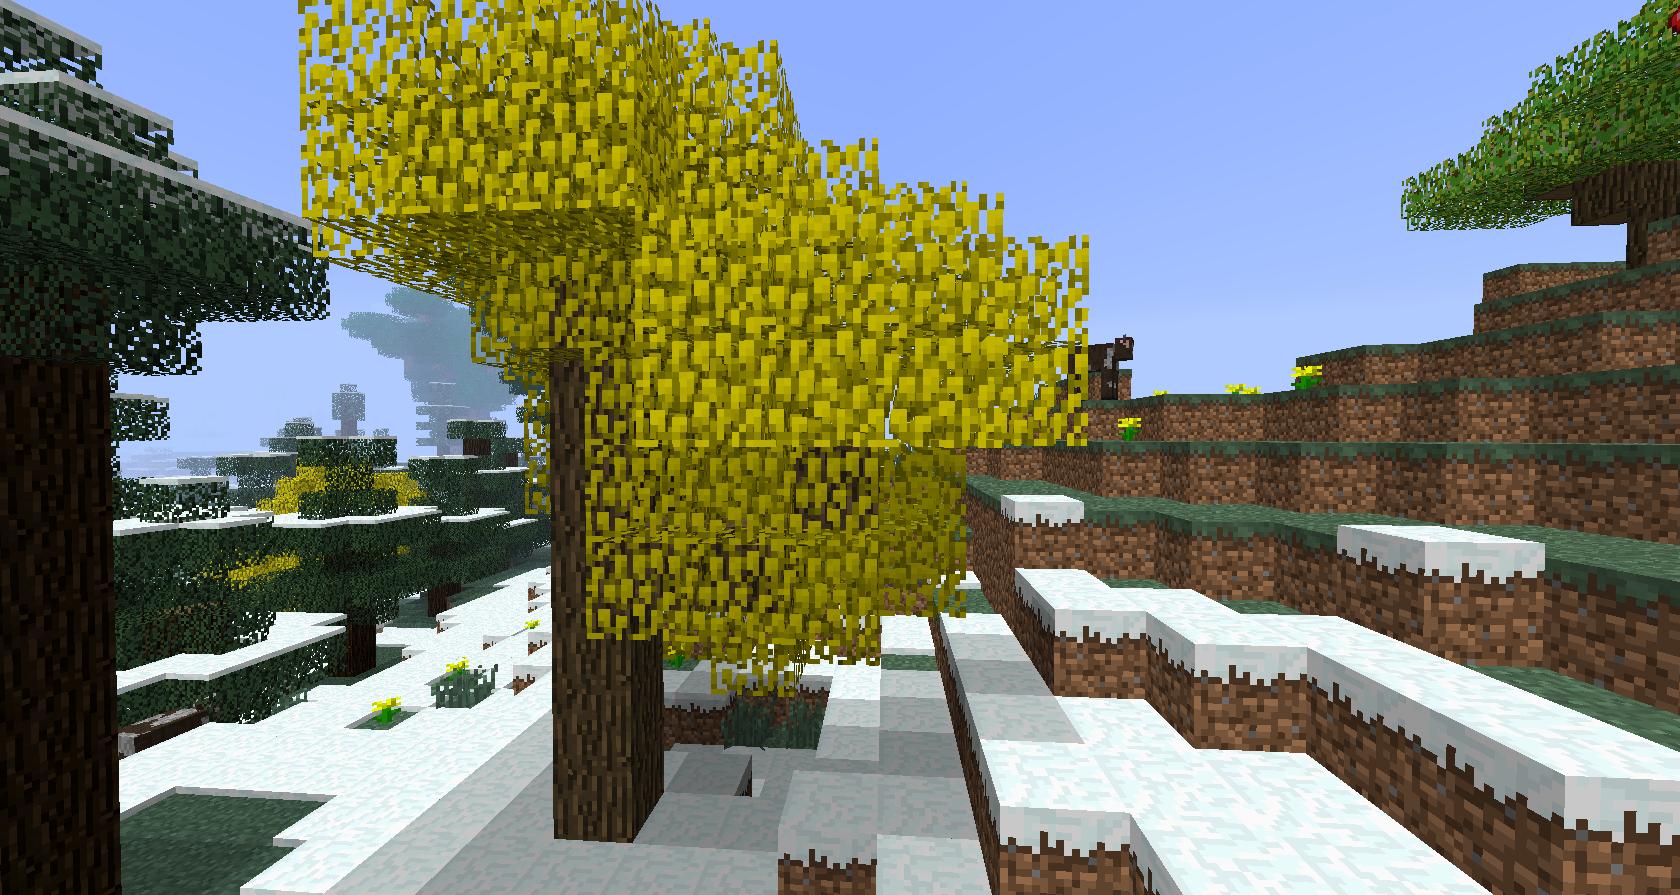 2012 02 17 20.01.00 [1.1] Trees++